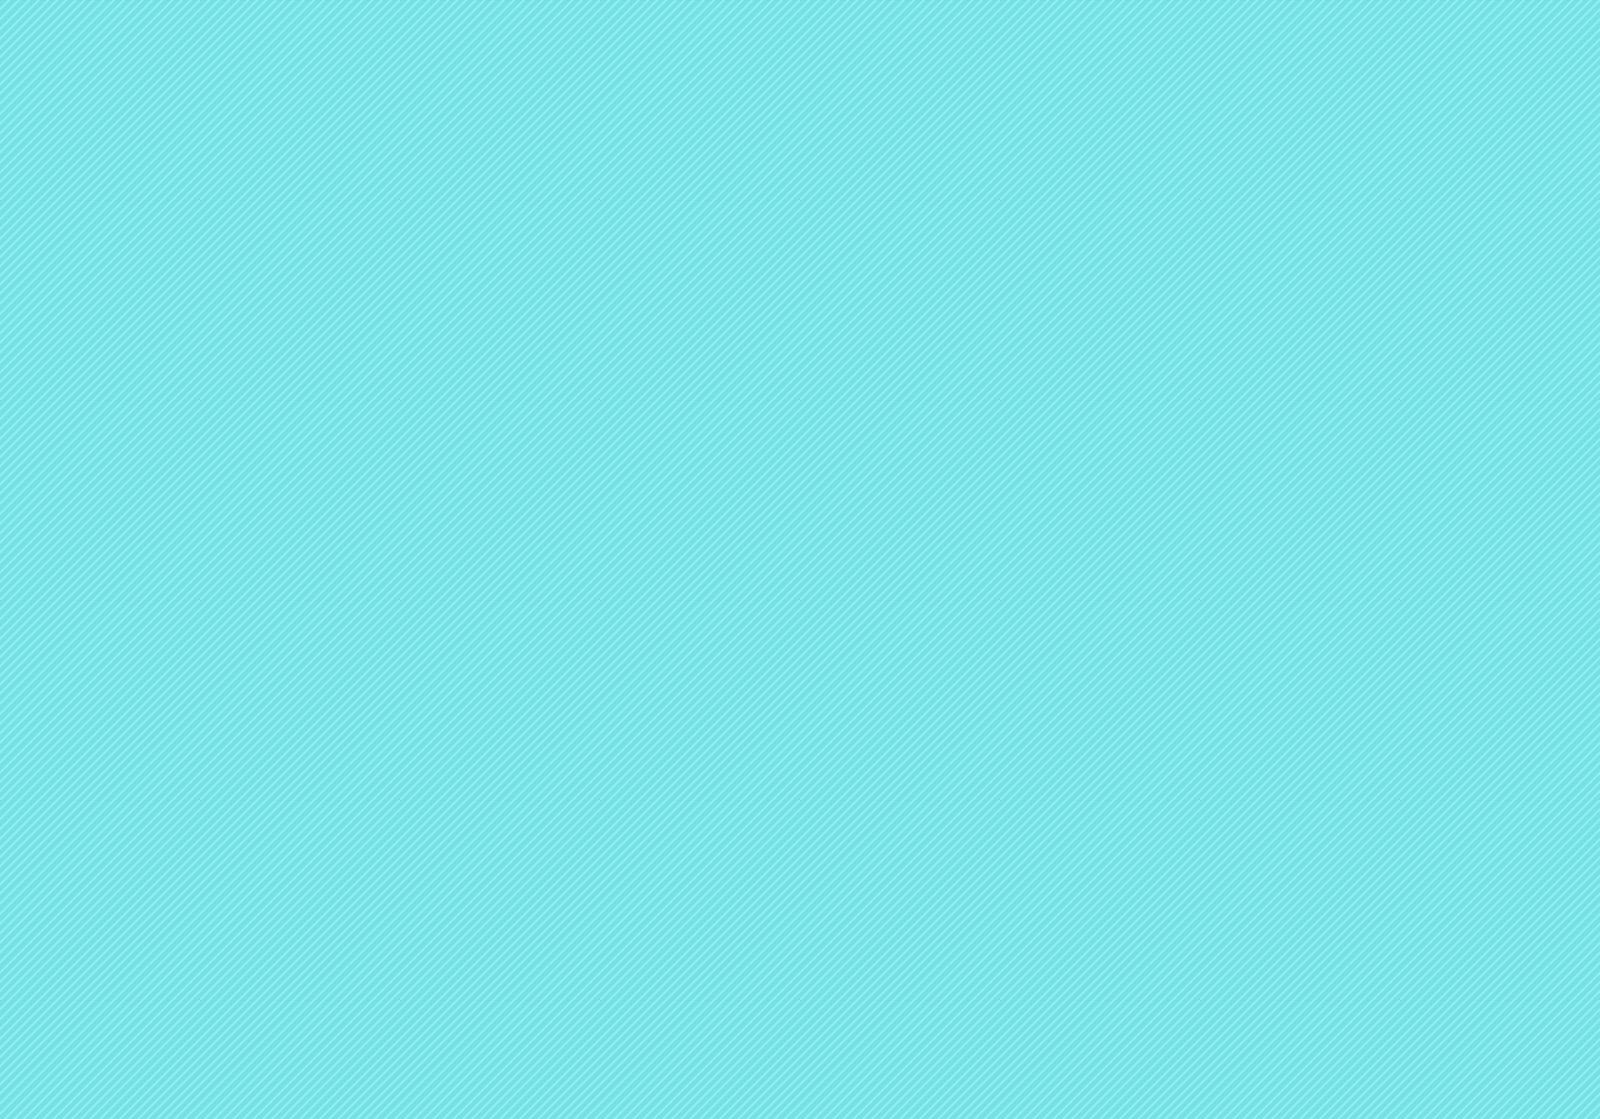 Как получить нужный цвет? Всё 85